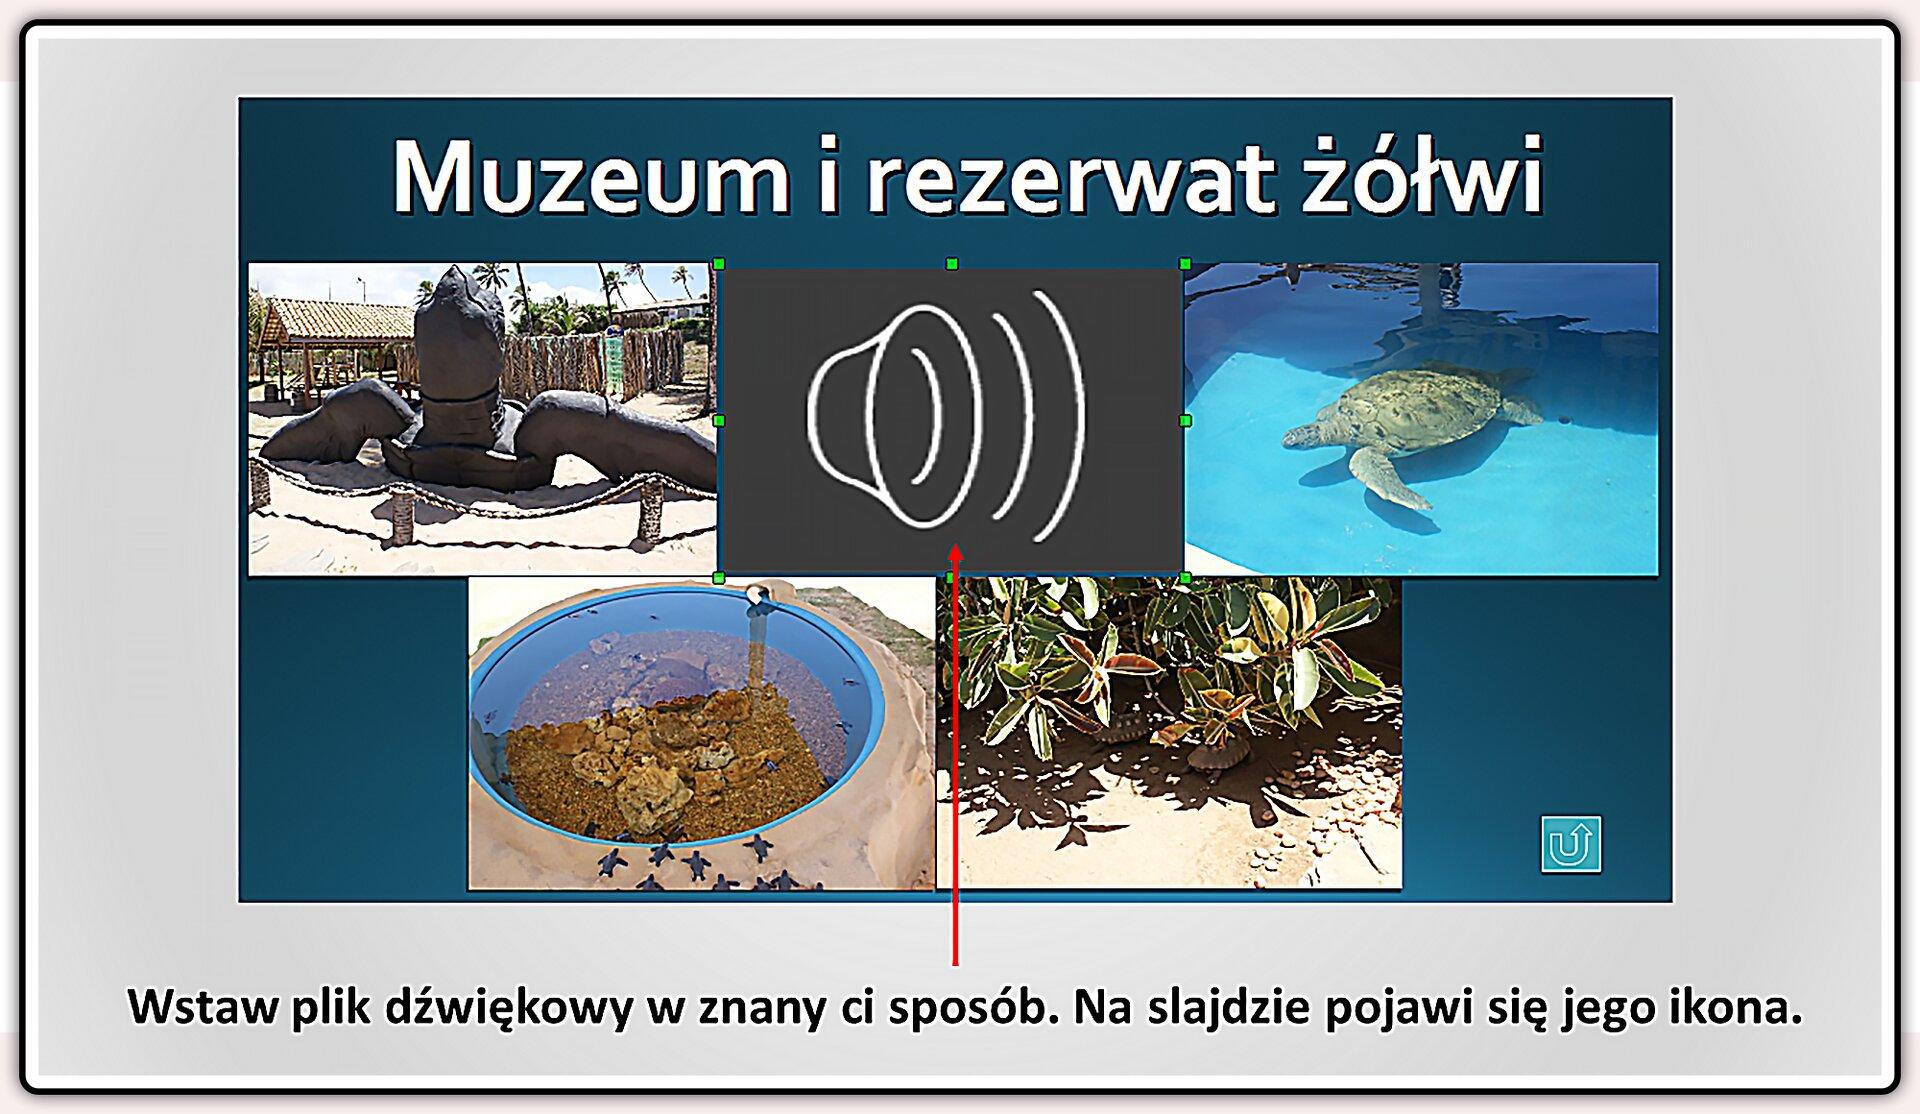 Slajd 5 galerii slajdów pokazu: Nagrywanie komentarza do prezentacji wprogramie LibreOffice Impress